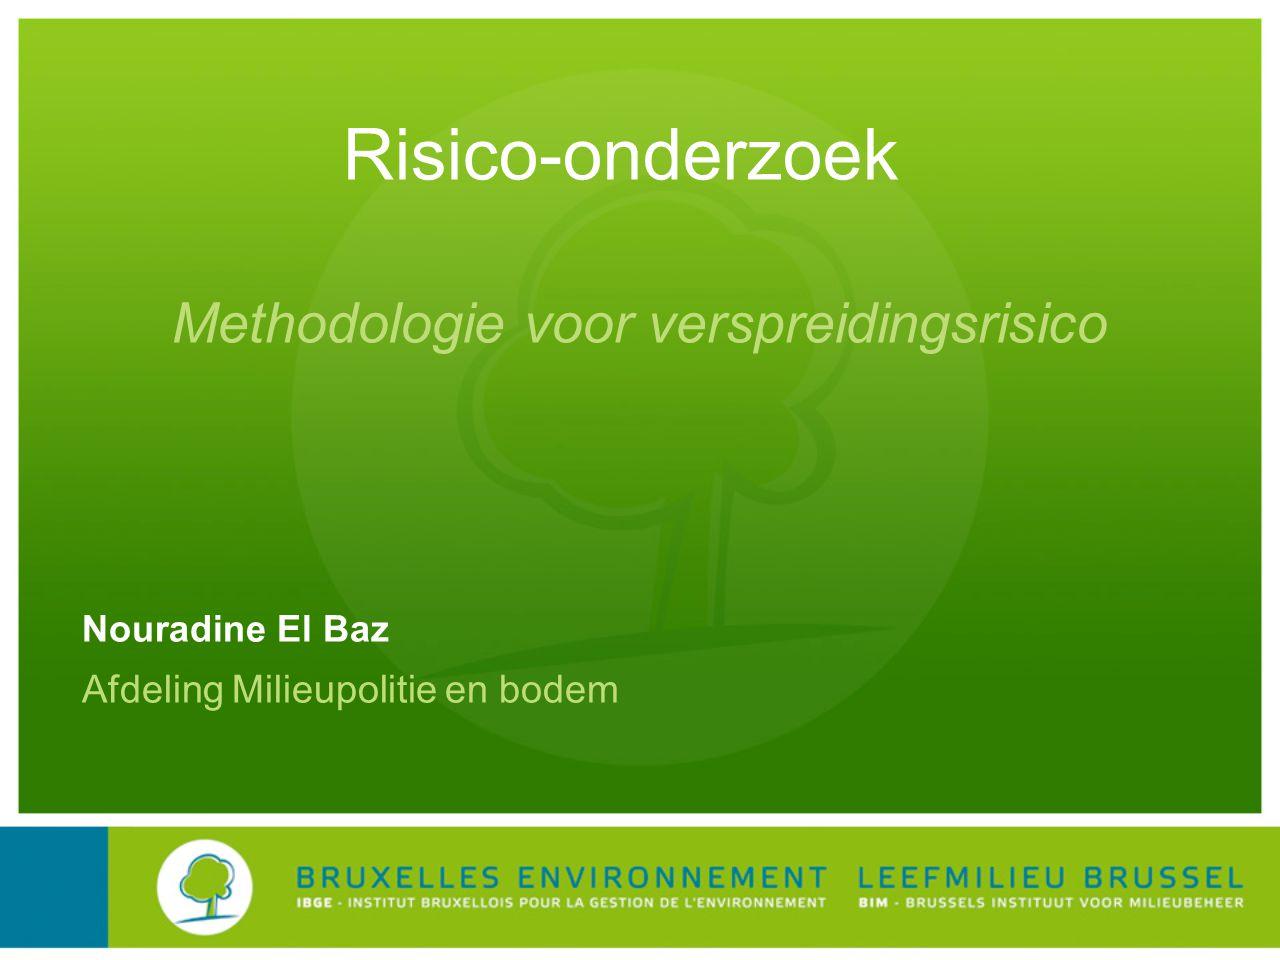 Risico-onderzoek Nouradine El Baz Afdeling Milieupolitie en bodem Methodologie voor verspreidingsrisico